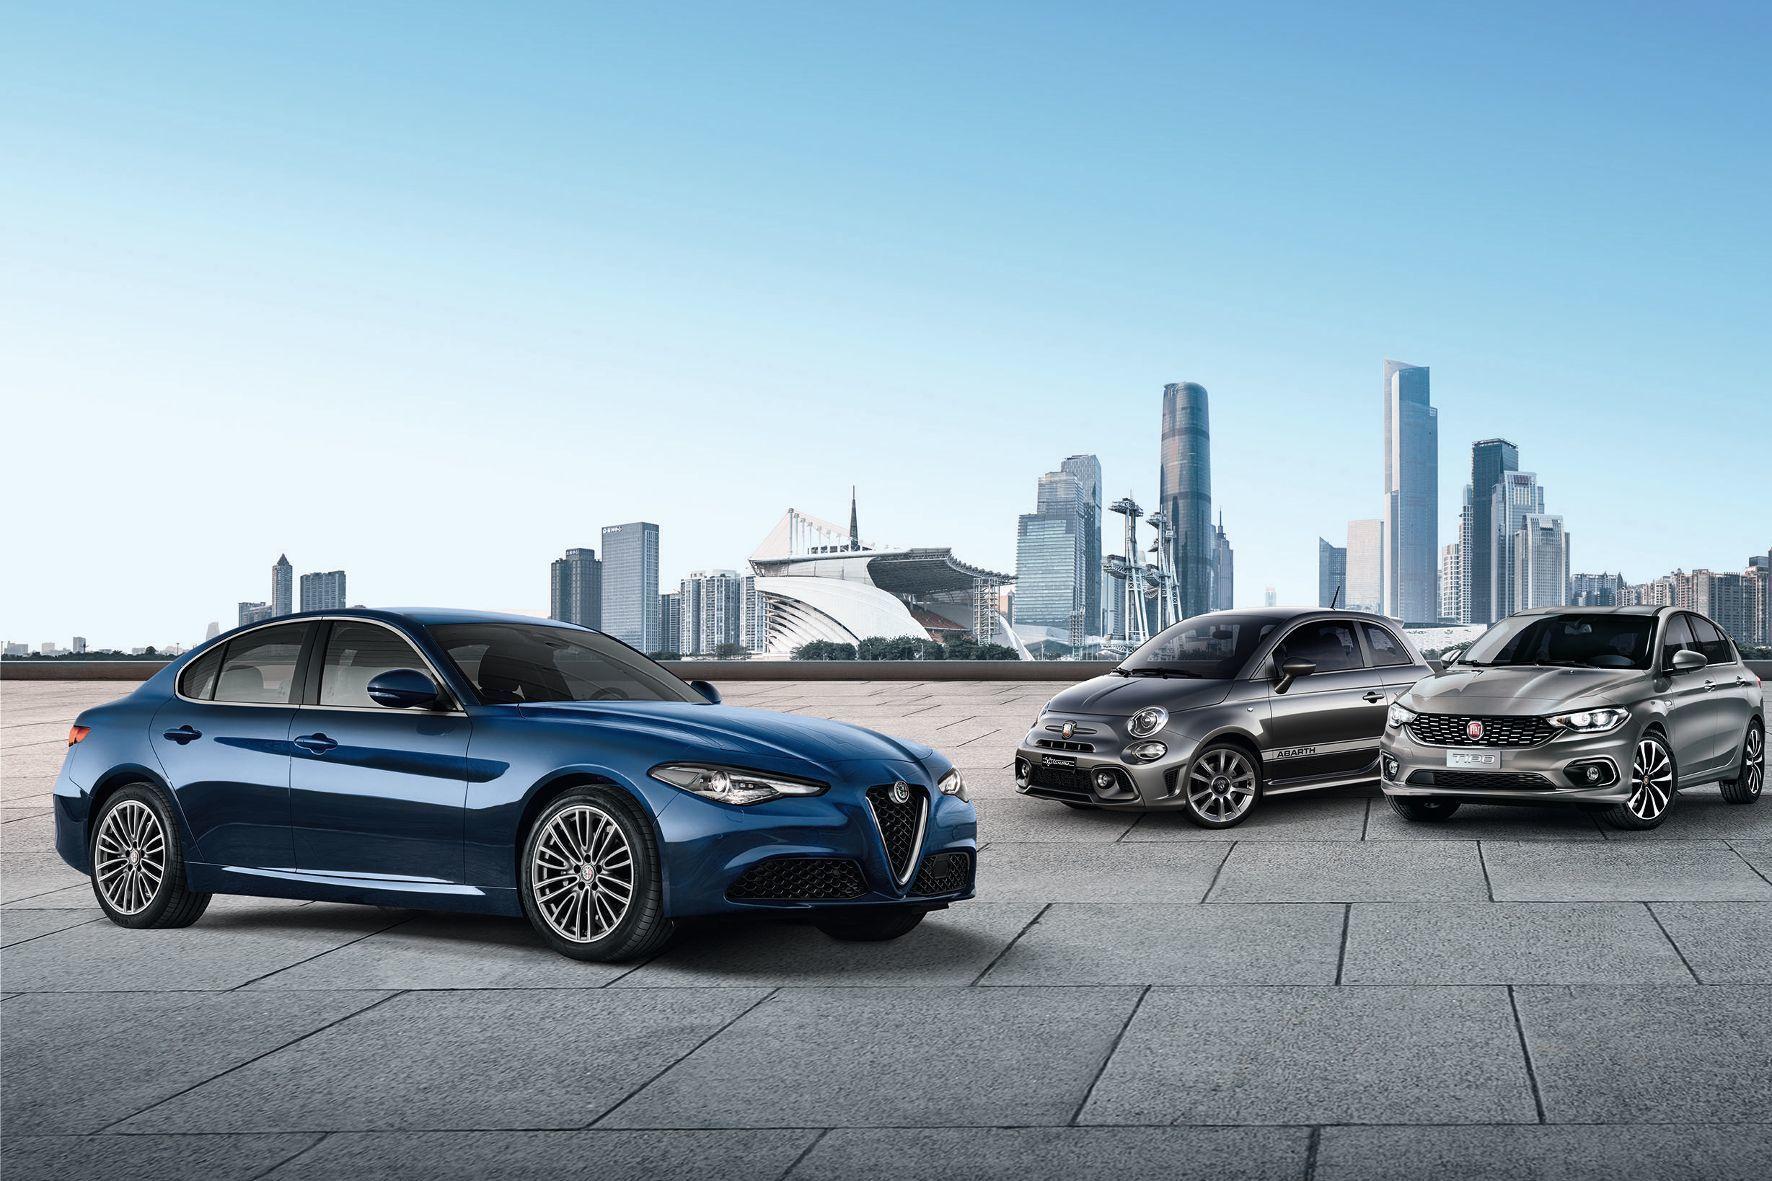 mid Groß-Gerau - Fiat Chrysler Automobile startet eine Gewerbekunden-Offensive und veranstaltet am 8. März 2017 auf dem Hockenheimring zum ersten Mal einen Flotten-Tag, auf dem 15 verschiedene Modelle für Testfahrten bereitstehen.